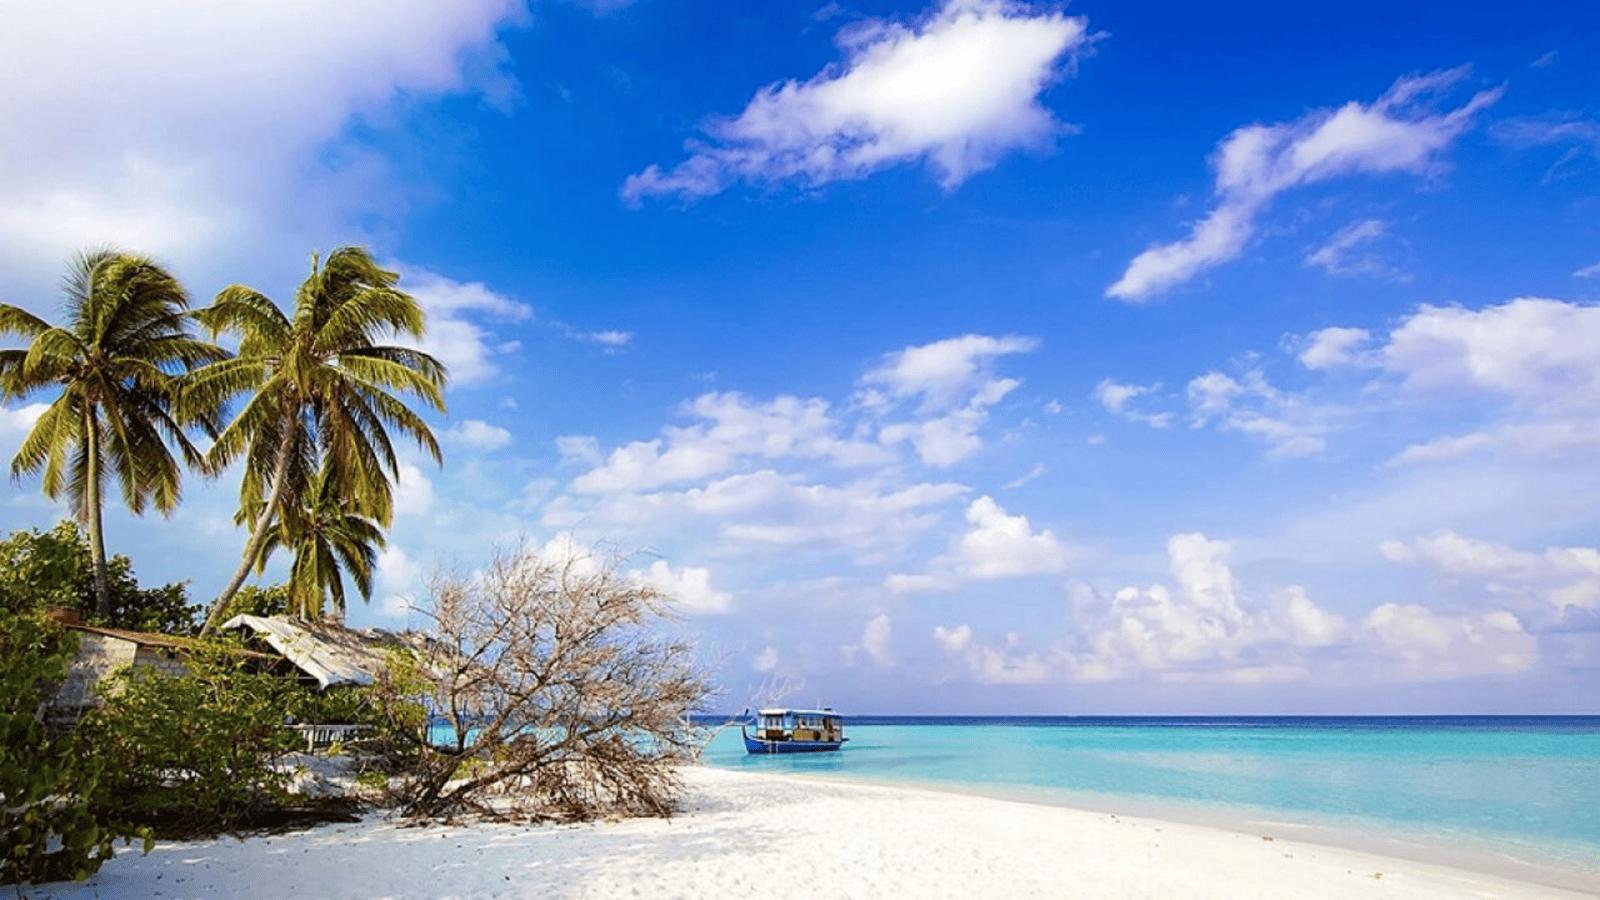 Bãi biển trải dài đẹp mộng mơ của Bãi Trường